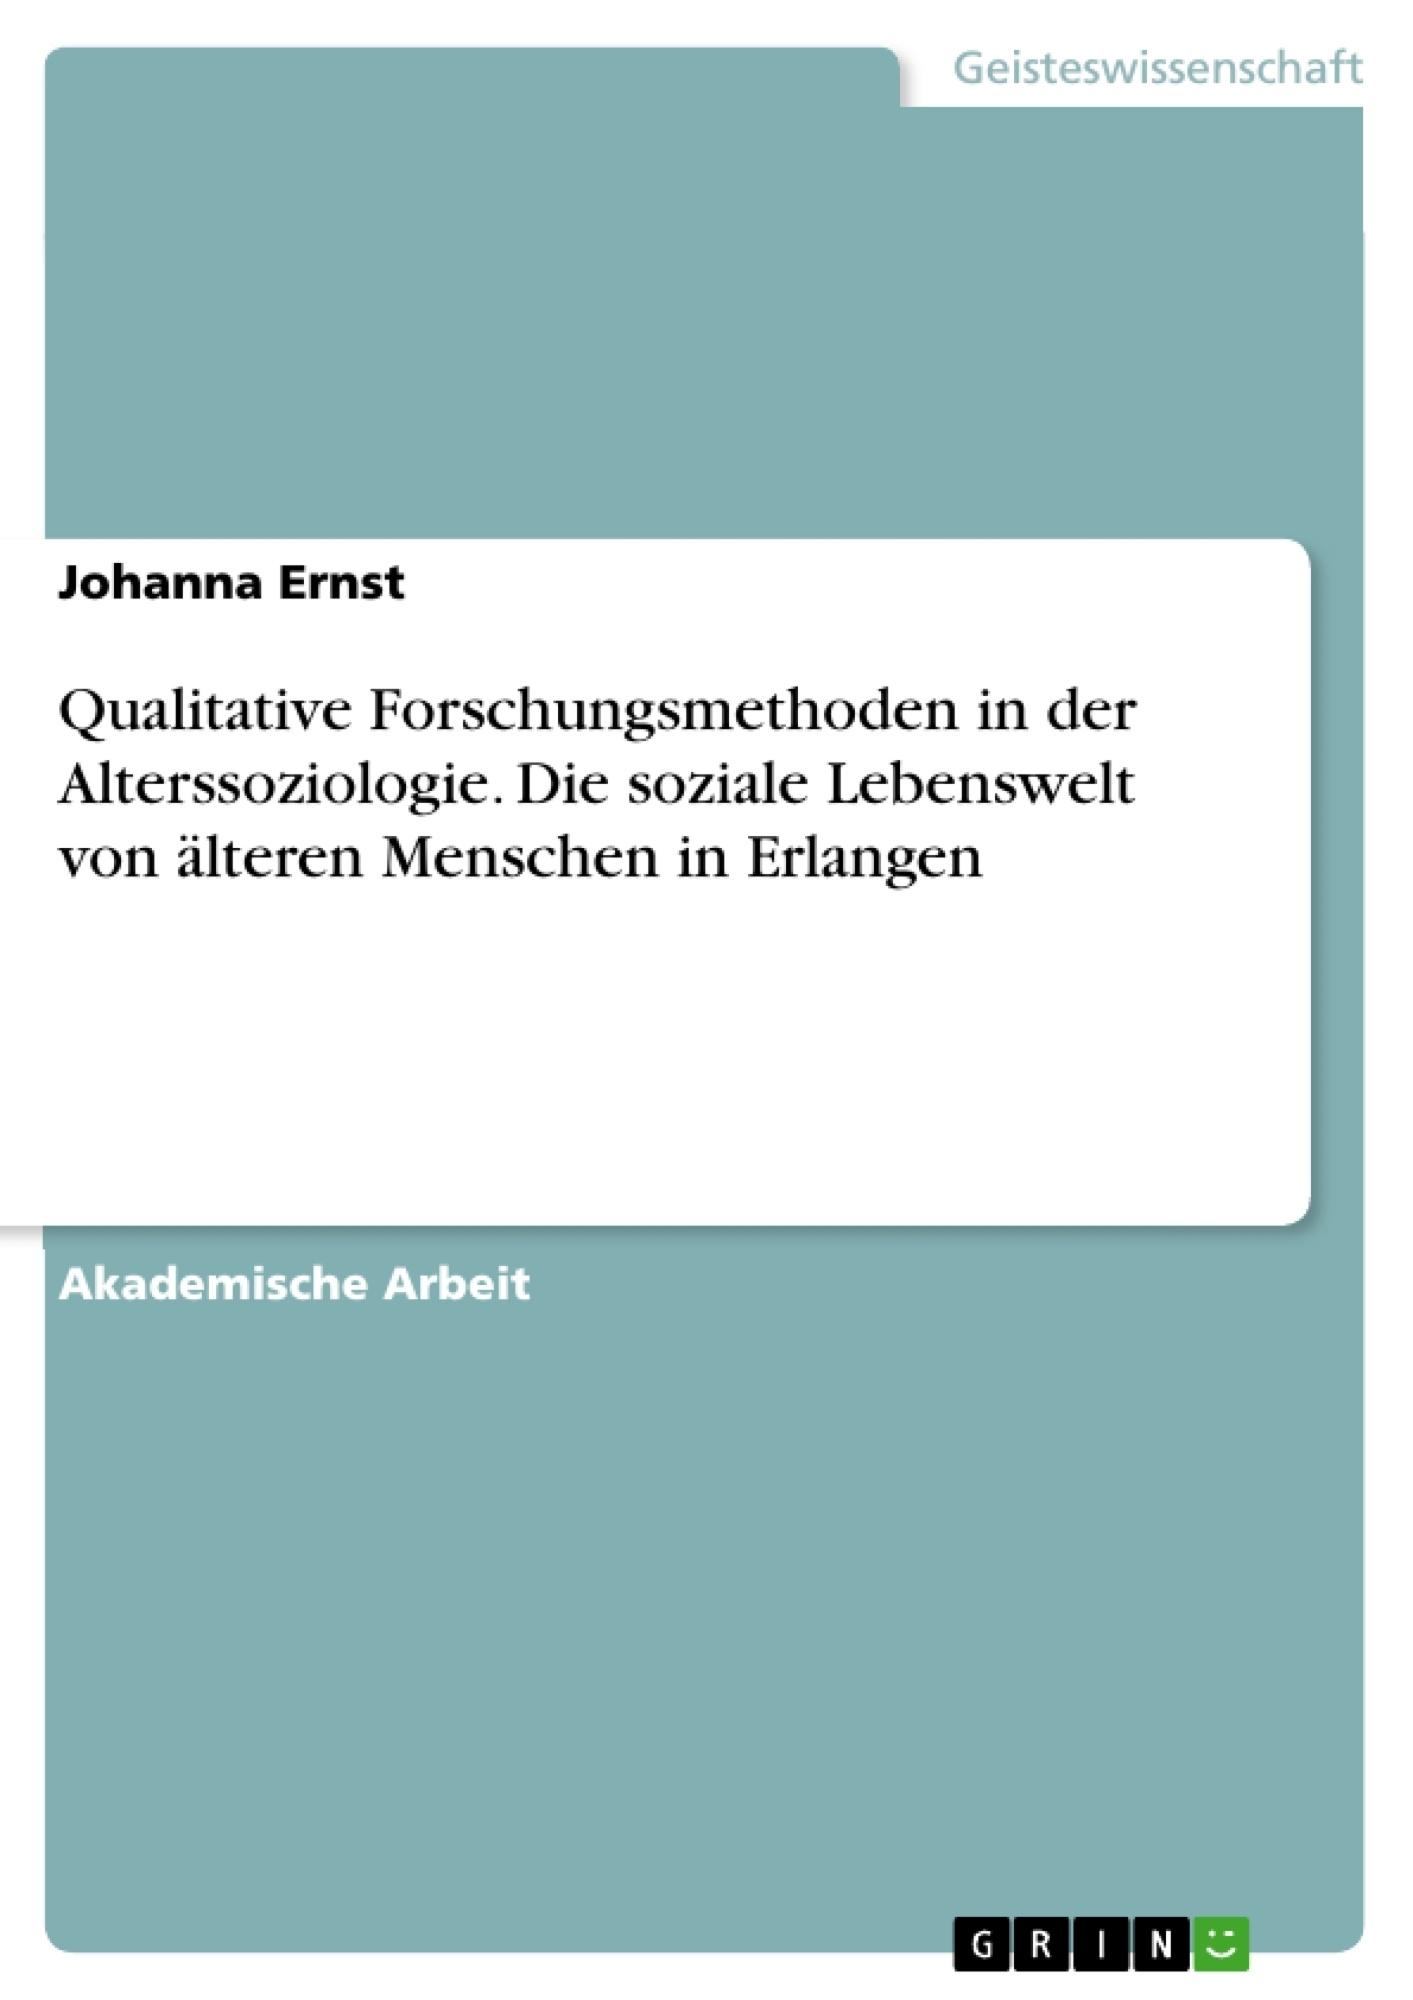 Titel: Qualitative Forschungsmethoden in der Alterssoziologie. Die soziale Lebenswelt von älteren Menschen in Erlangen